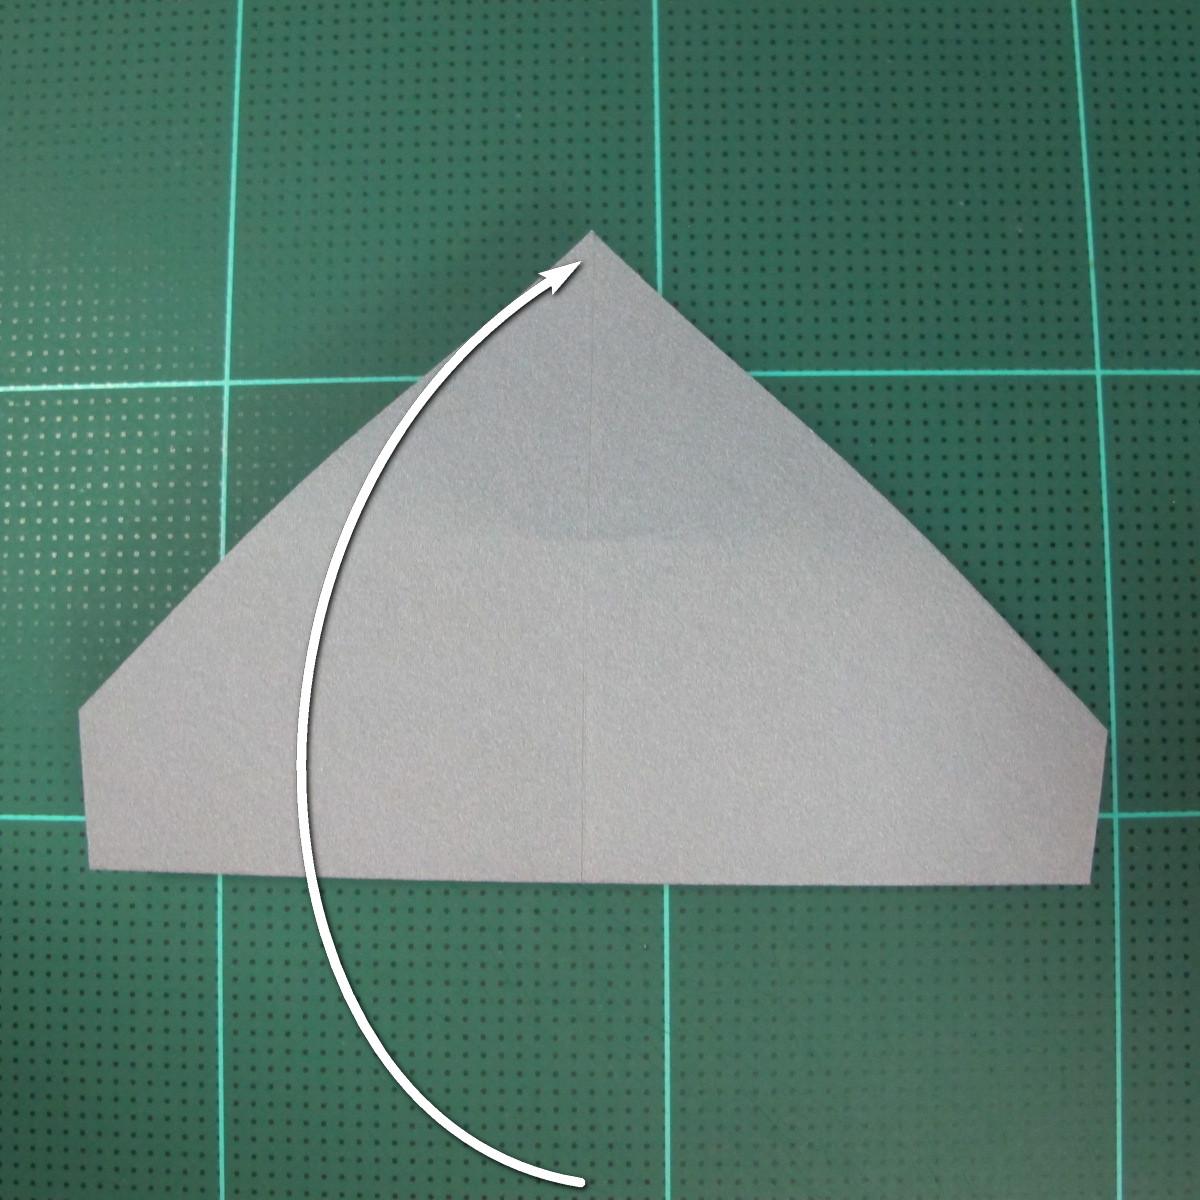 วิธีพับกล่องของขวัญแบบโมดูล่า (Modular Origami Decorative Box) โดย Tomoko Fuse 011